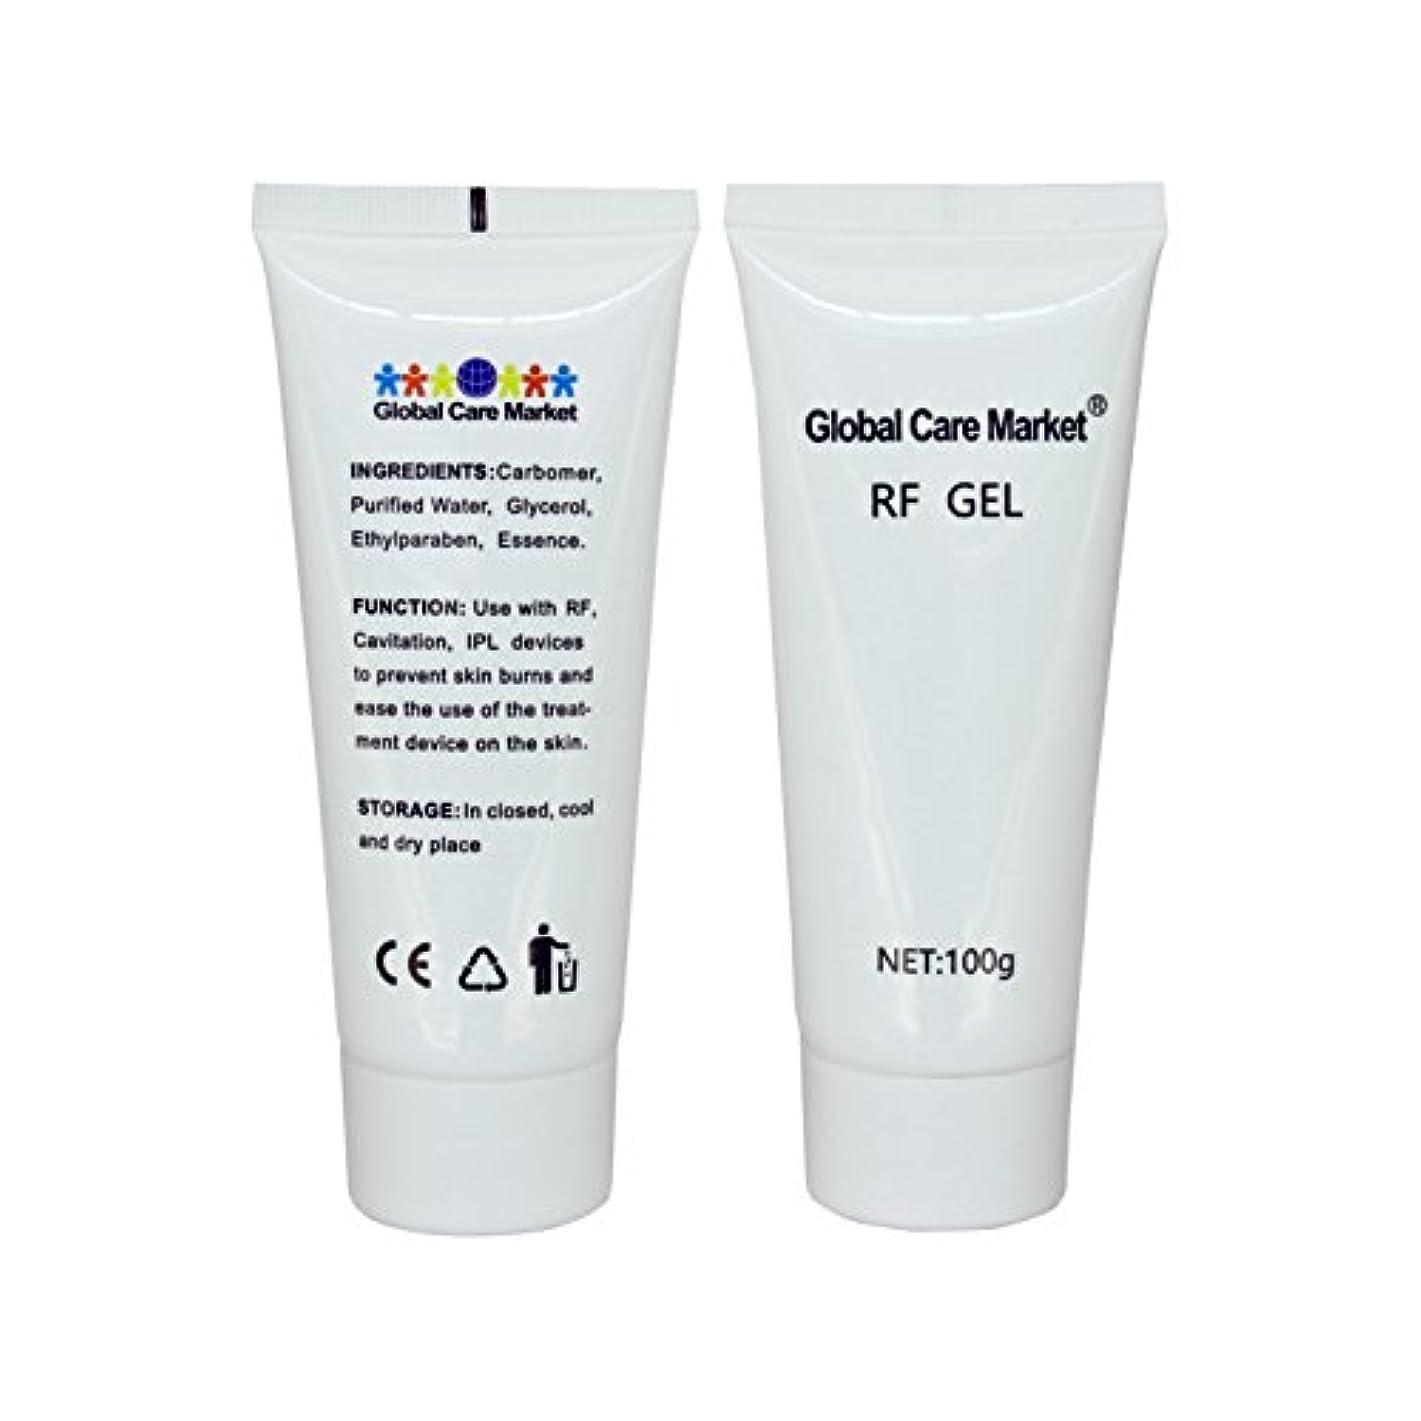 好意的マインドフルアジテーションRF GEL(2 Pack) - 高周波治療装置に使用する皮膚冷却および潤滑です